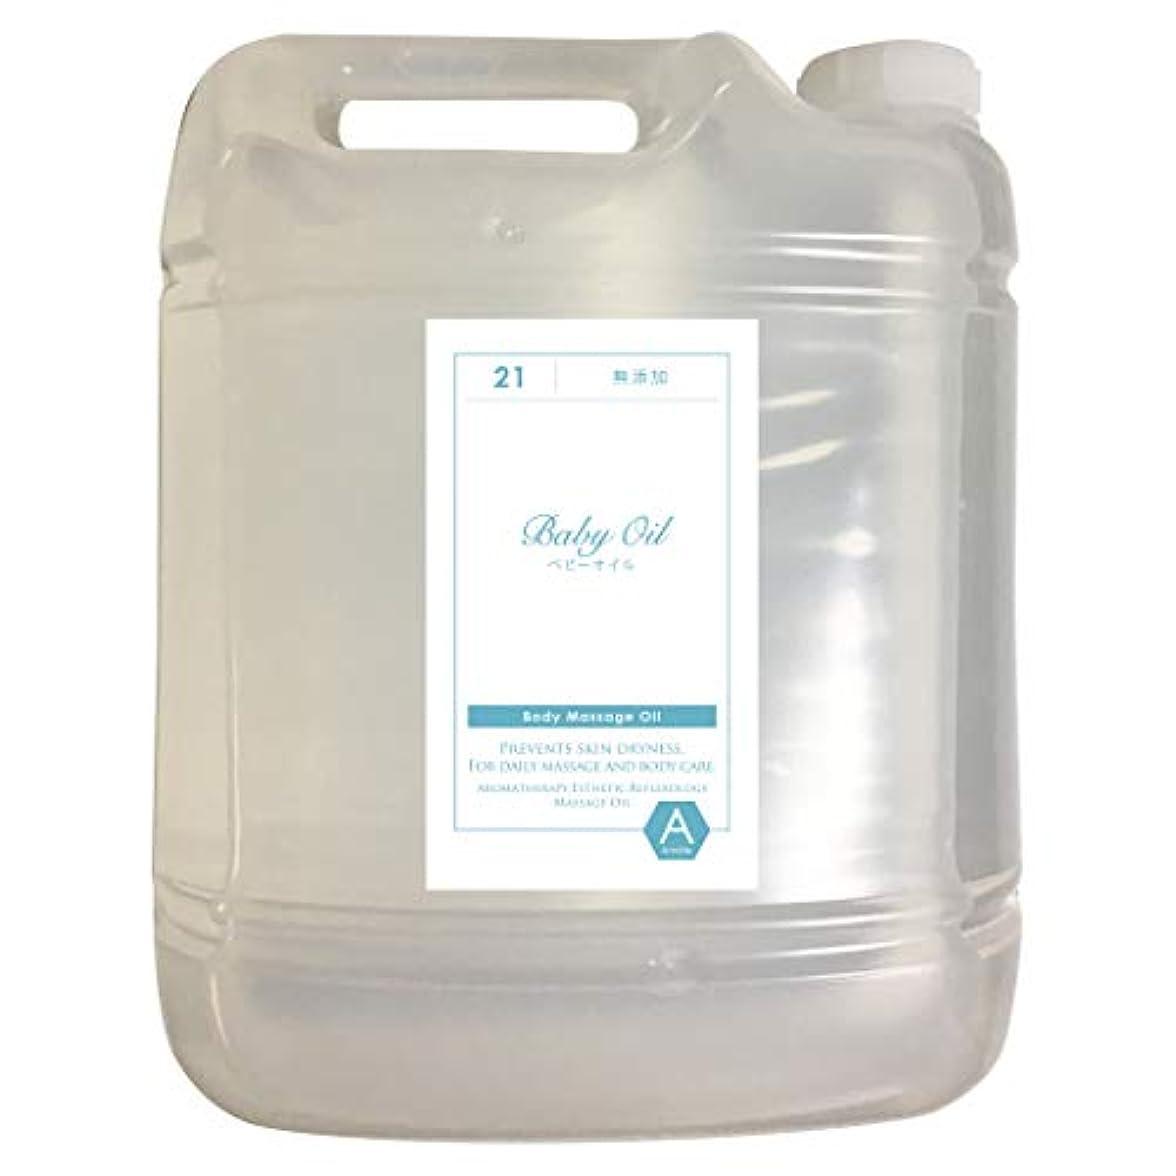 ファーザーファージュ構成冷淡な無添加ベビーオイル(無香料)業務用サイズマッサージオイル 5L